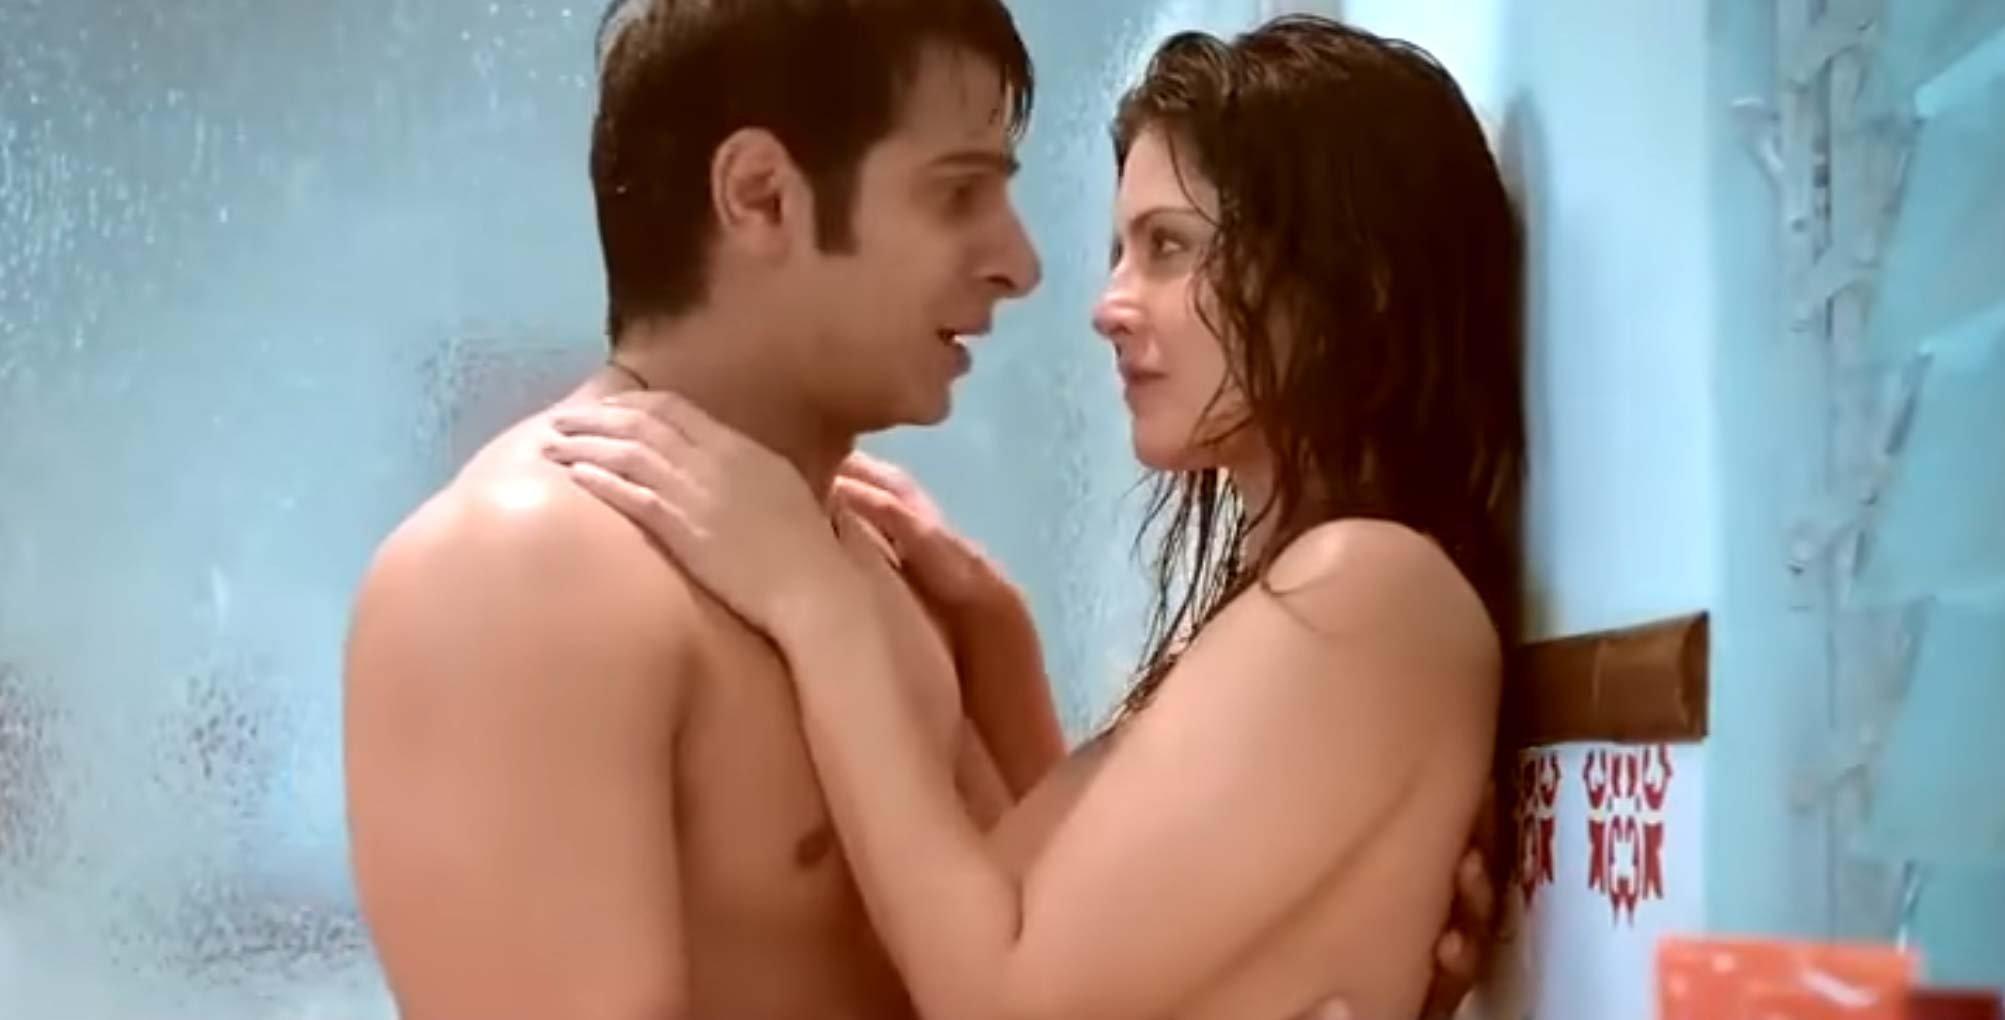 Most Paused Hindi movie scenes